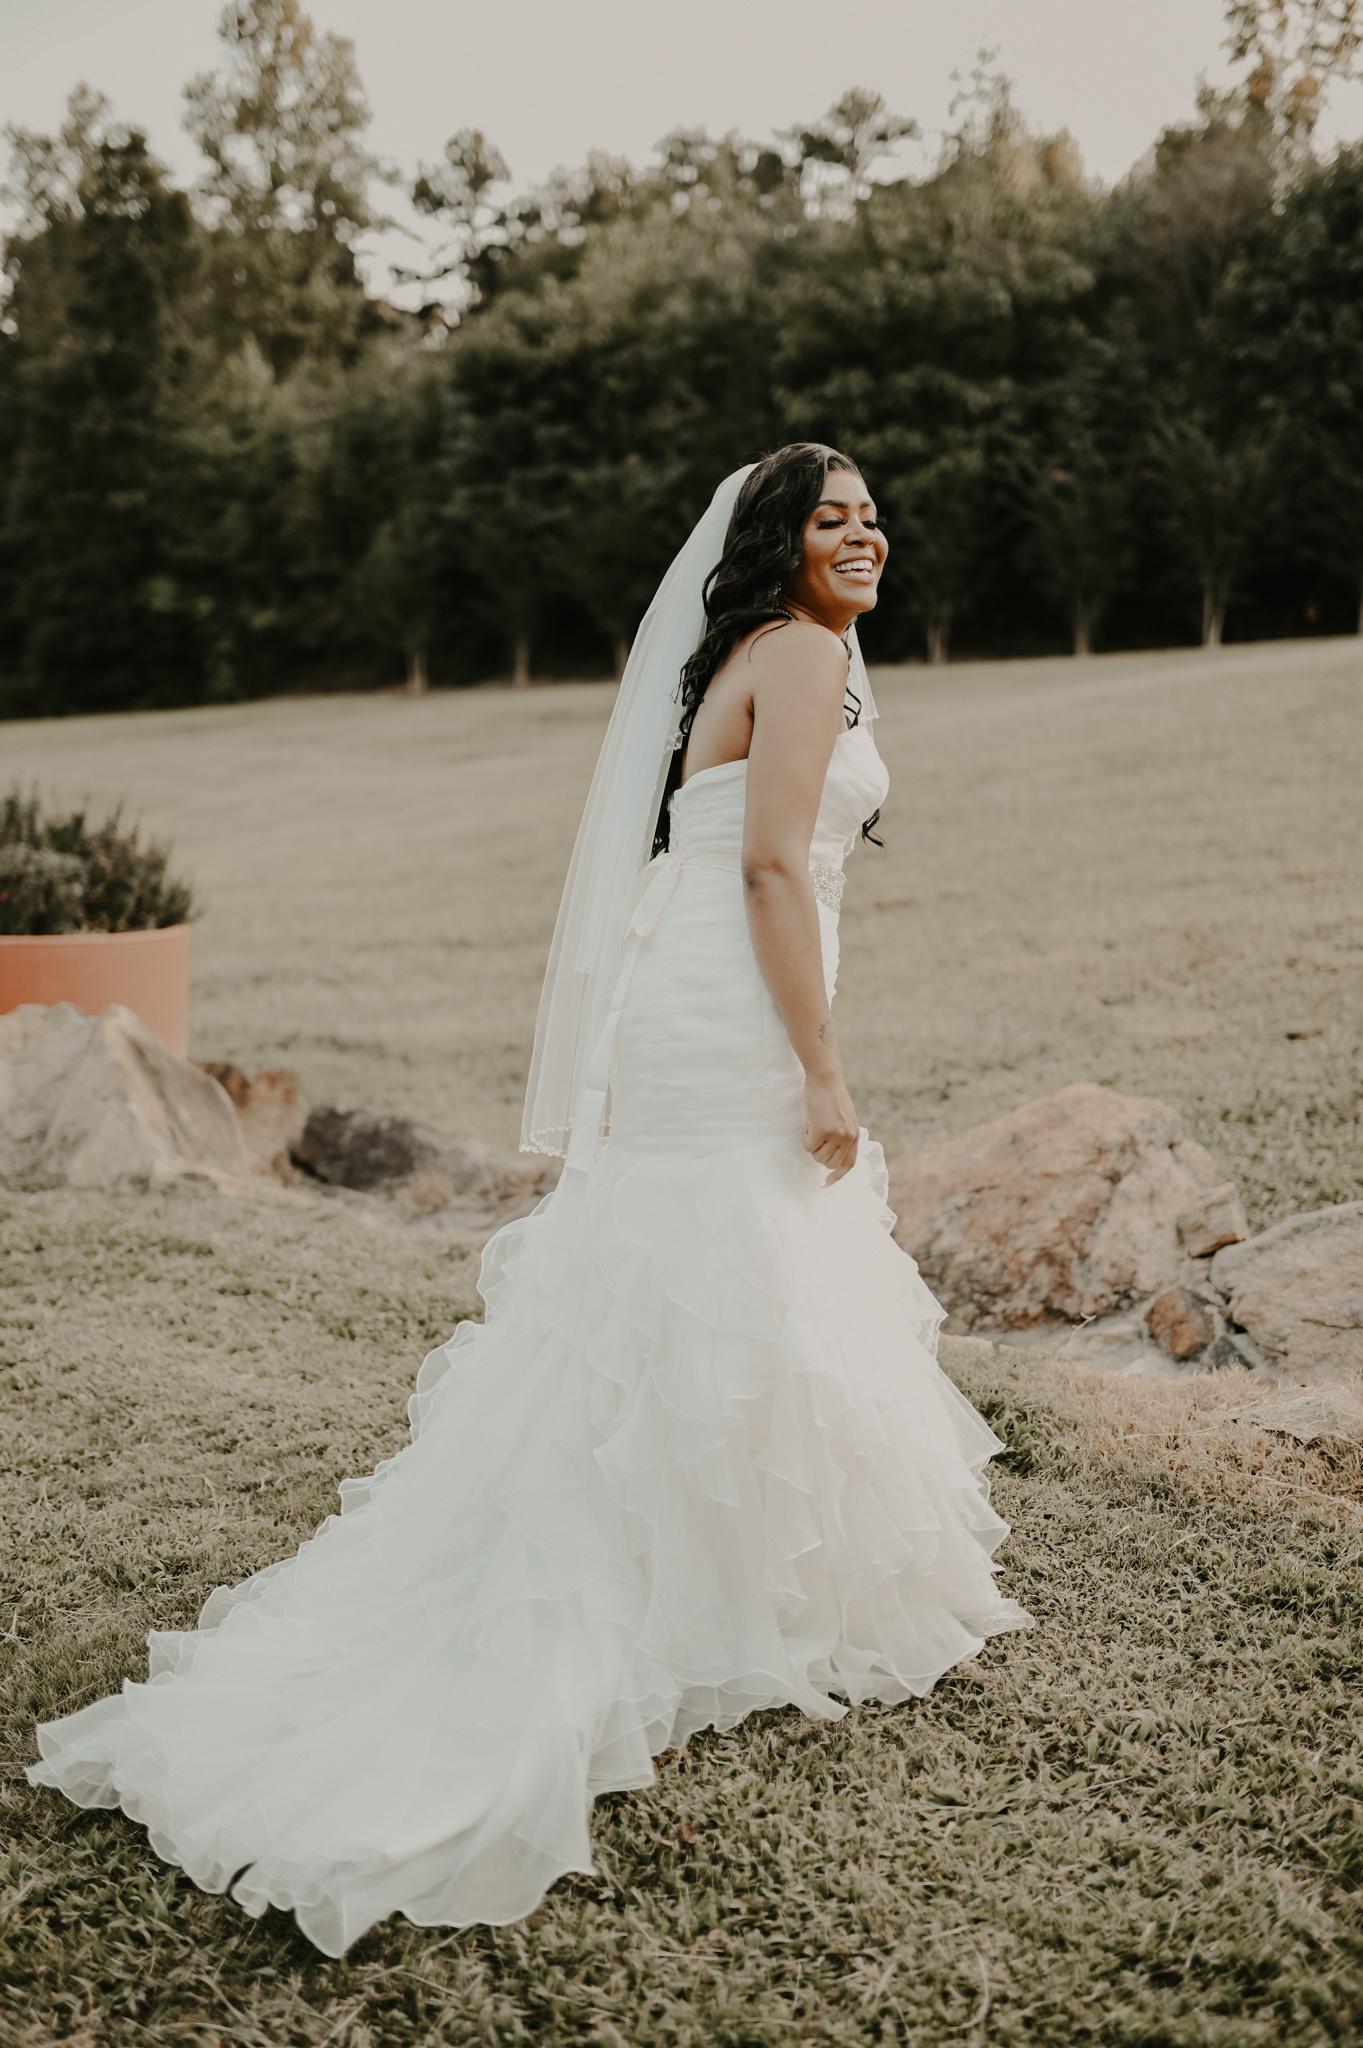 bride wearing mermaid style wedding dress